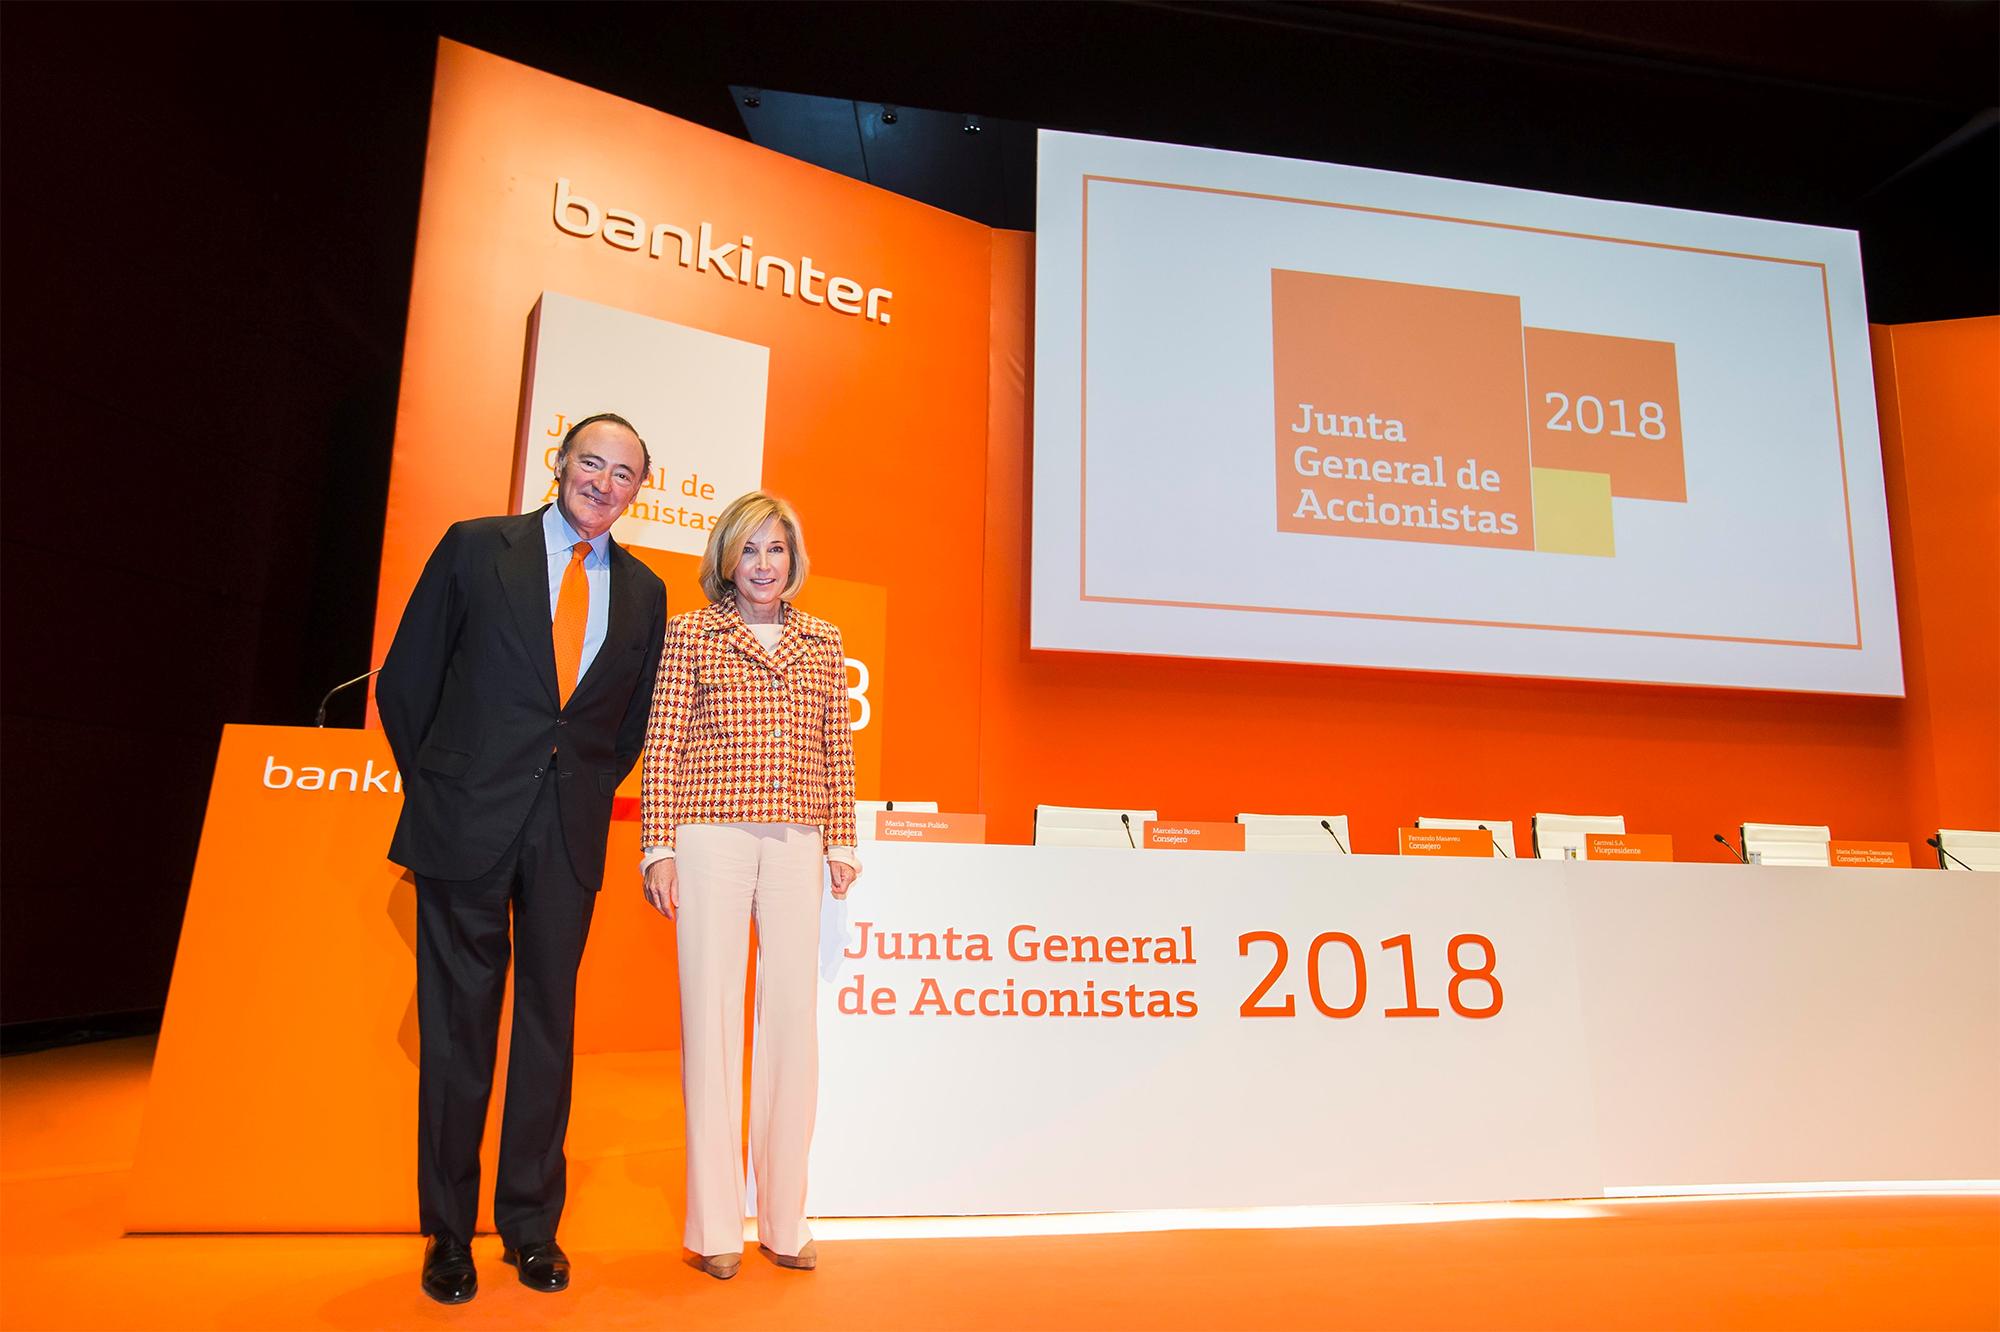 Pedro Guerrero y María Dolores Dancausa en la Junta General de Accionistas 2018